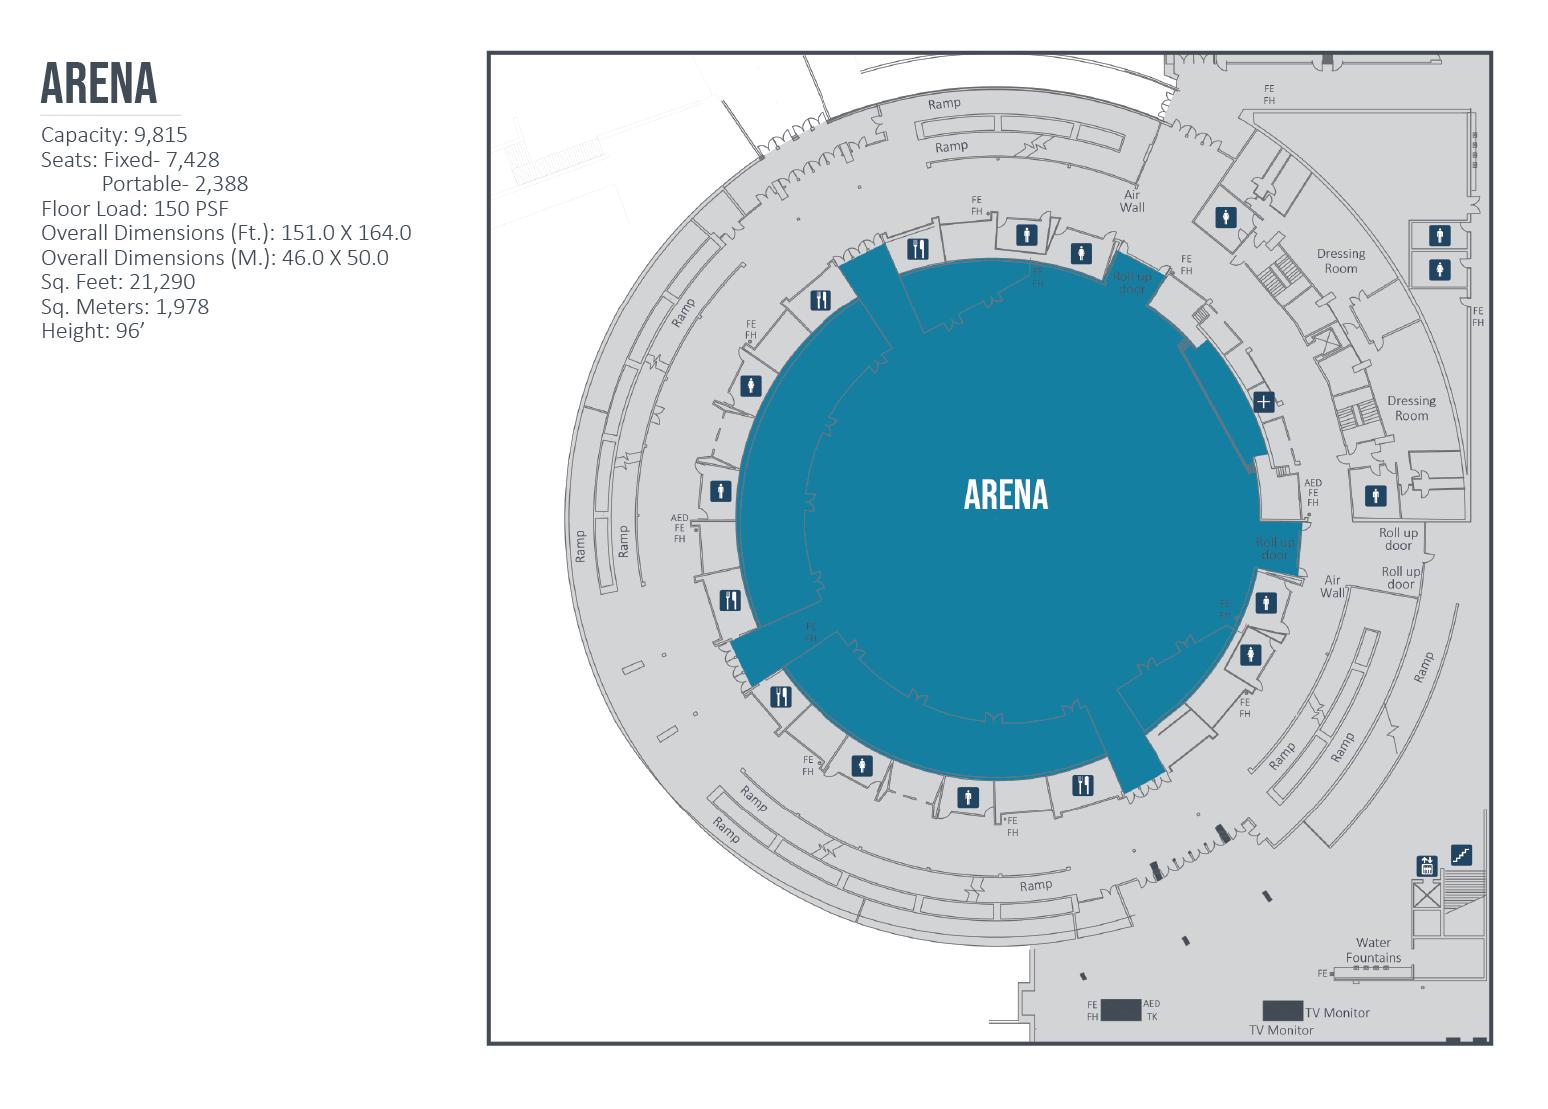 5c19200d2200fb12ec3c6905_Arena